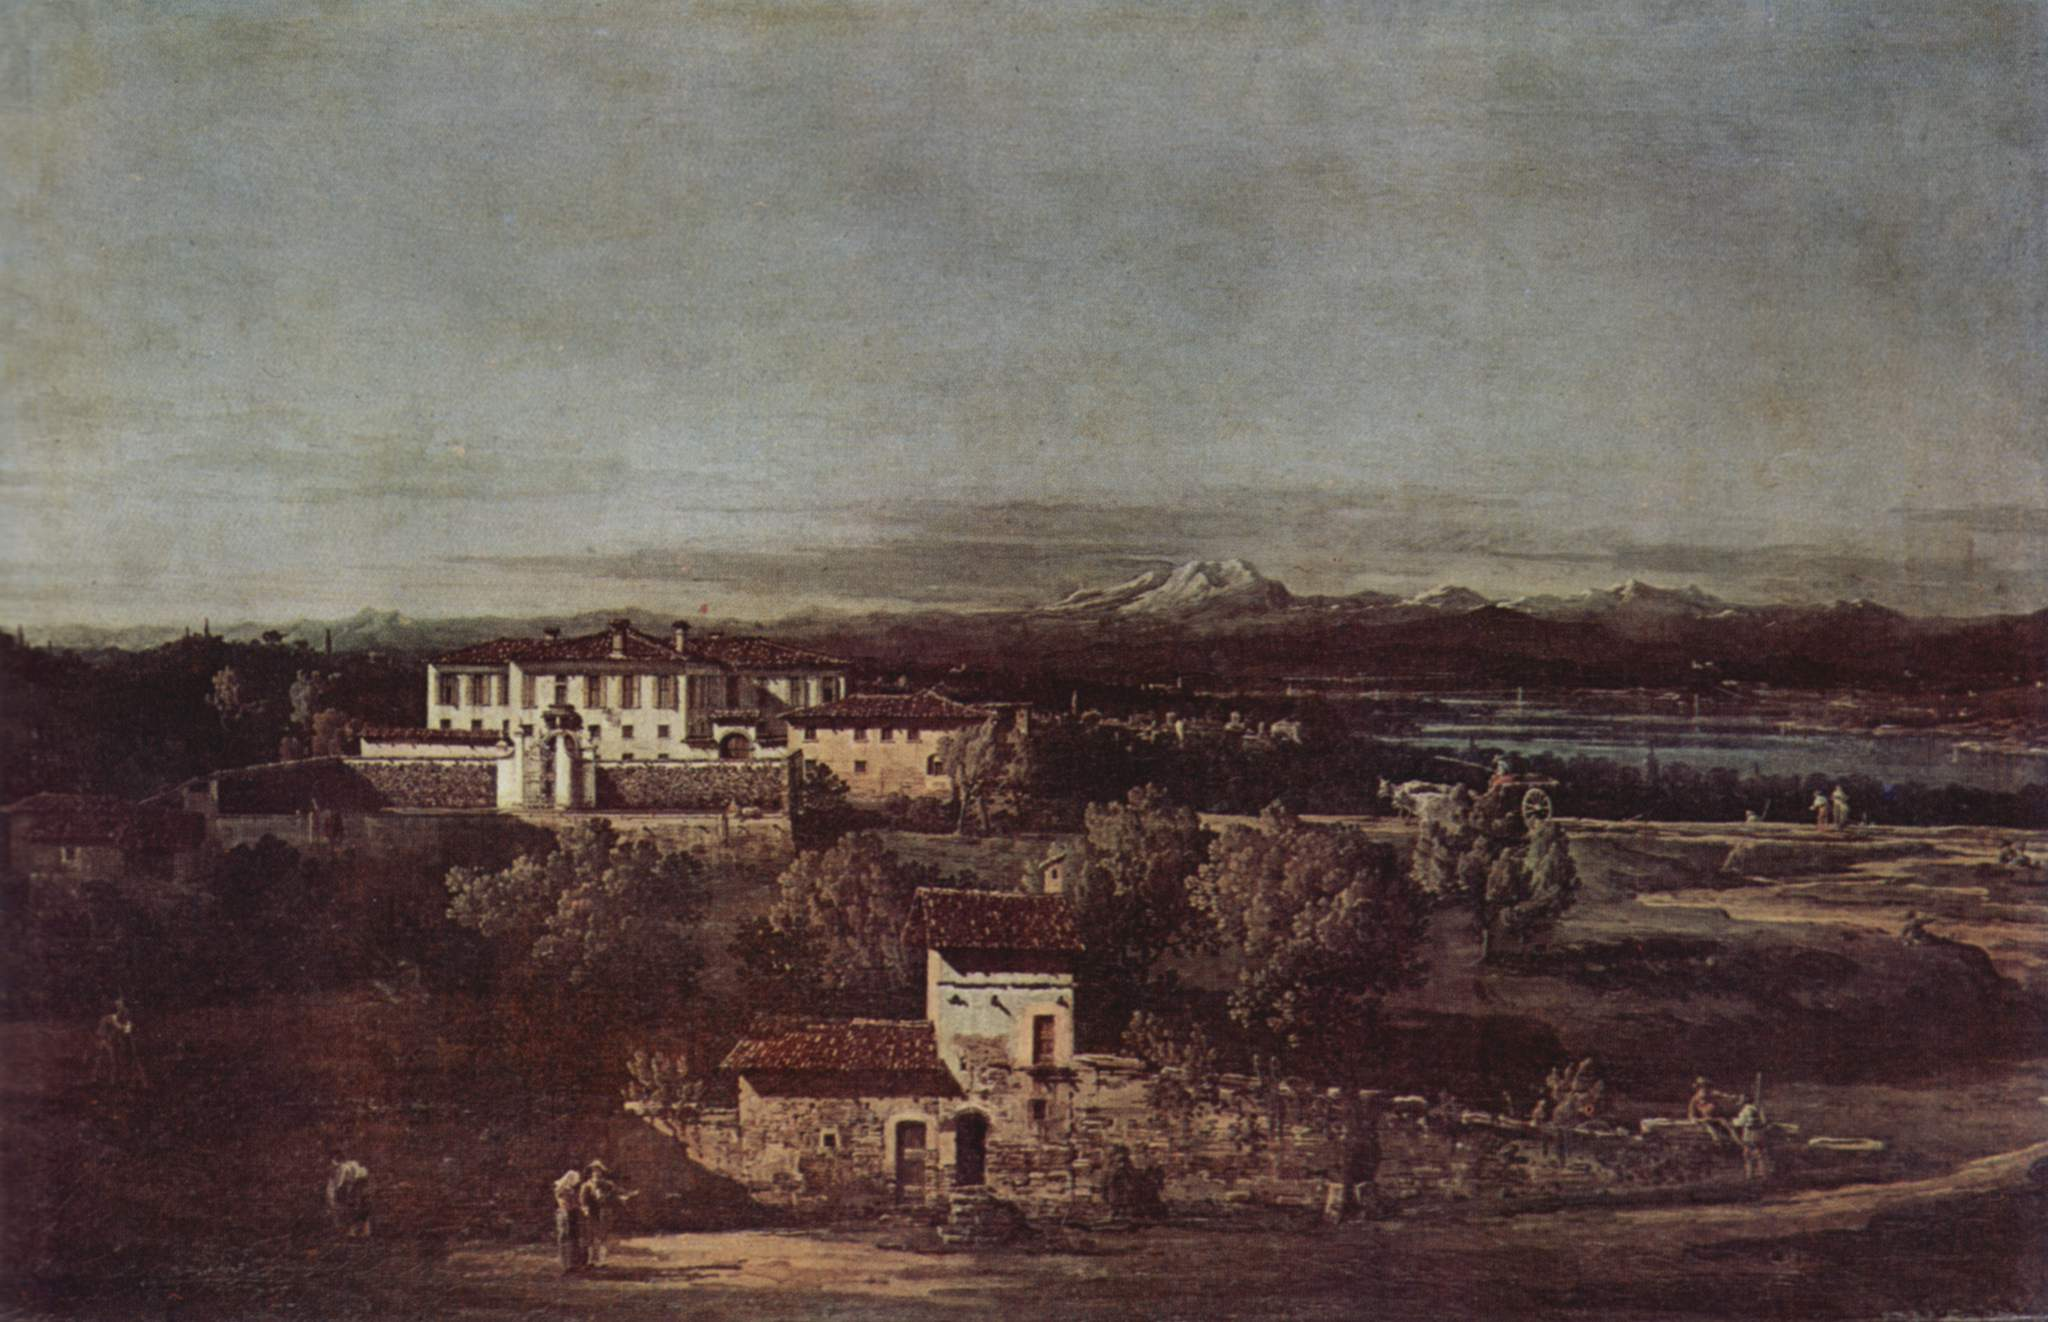 Деревня Гаццада, вид на виллу Мелци дЭрил с юго-востока, Джованни Антонио Каналетто 1